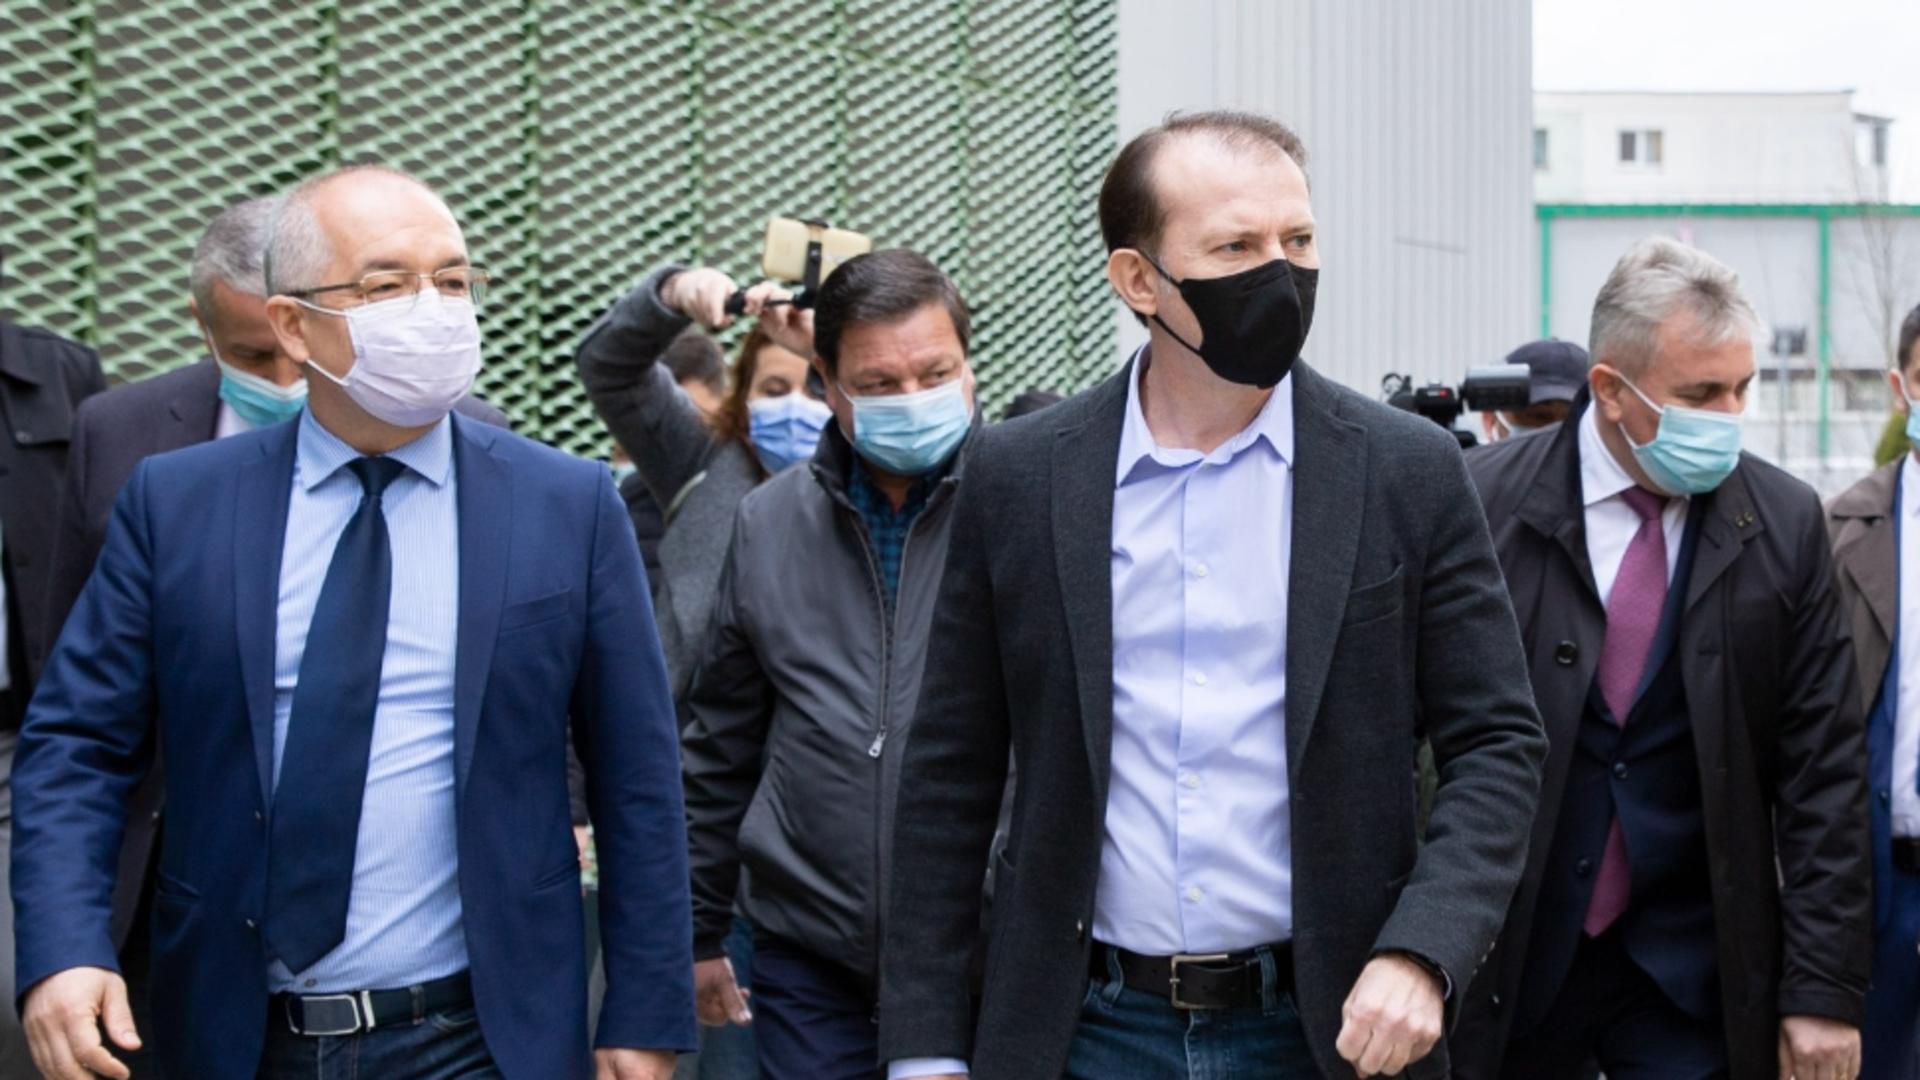 Florin Cîțu anunță că valul trei este în scădere și că e bine că România nu a închis economia Foto: Facebook.com